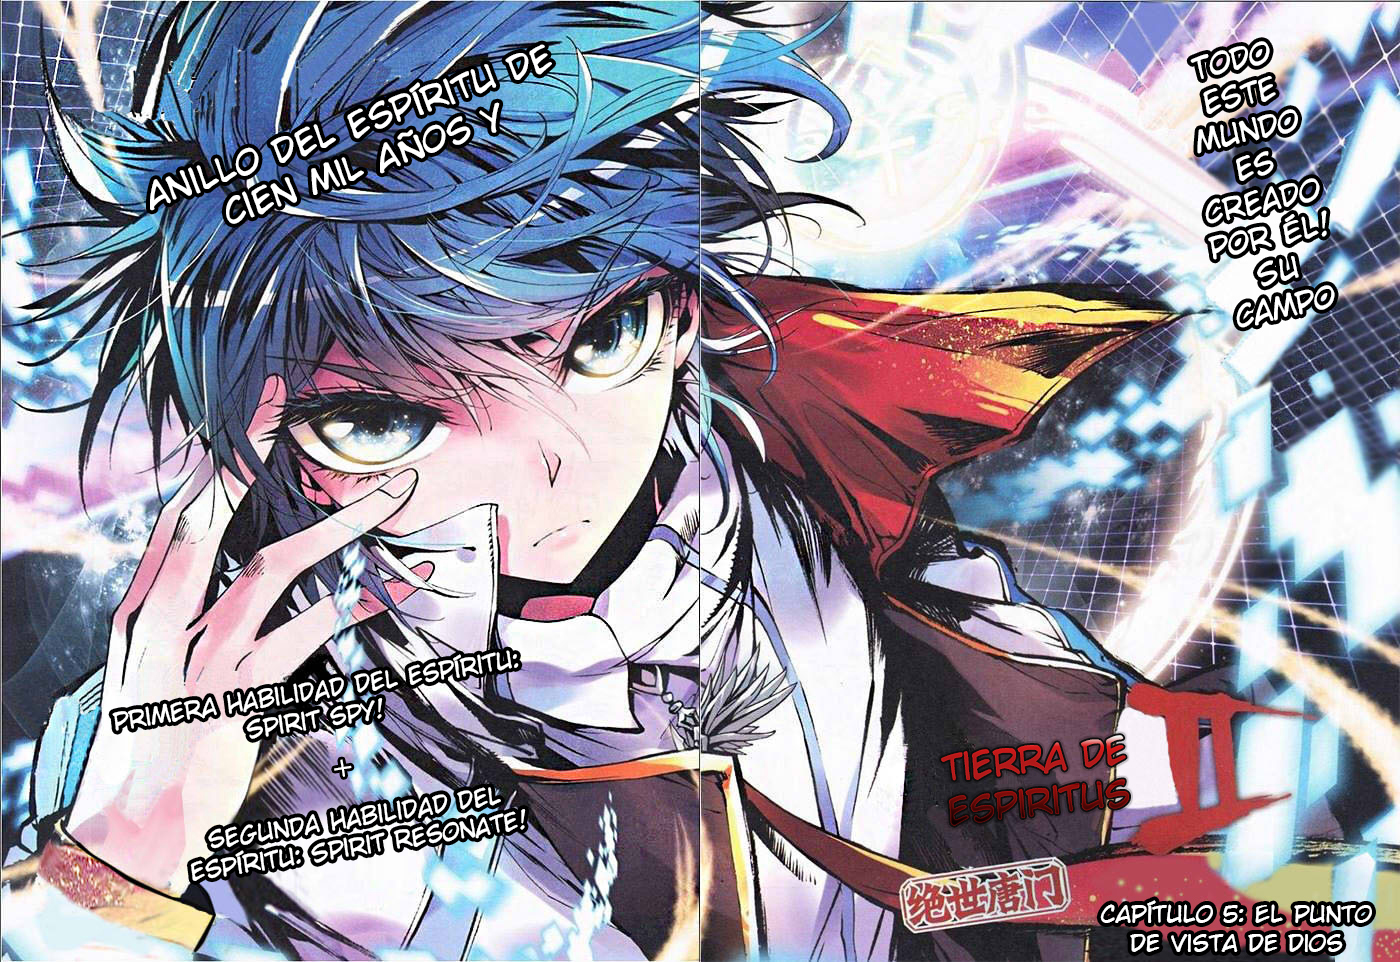 http://c5.ninemanga.com/es_manga/33/16417/417046/8ac022185b10129855da0b20cbe4418d.jpg Page 8